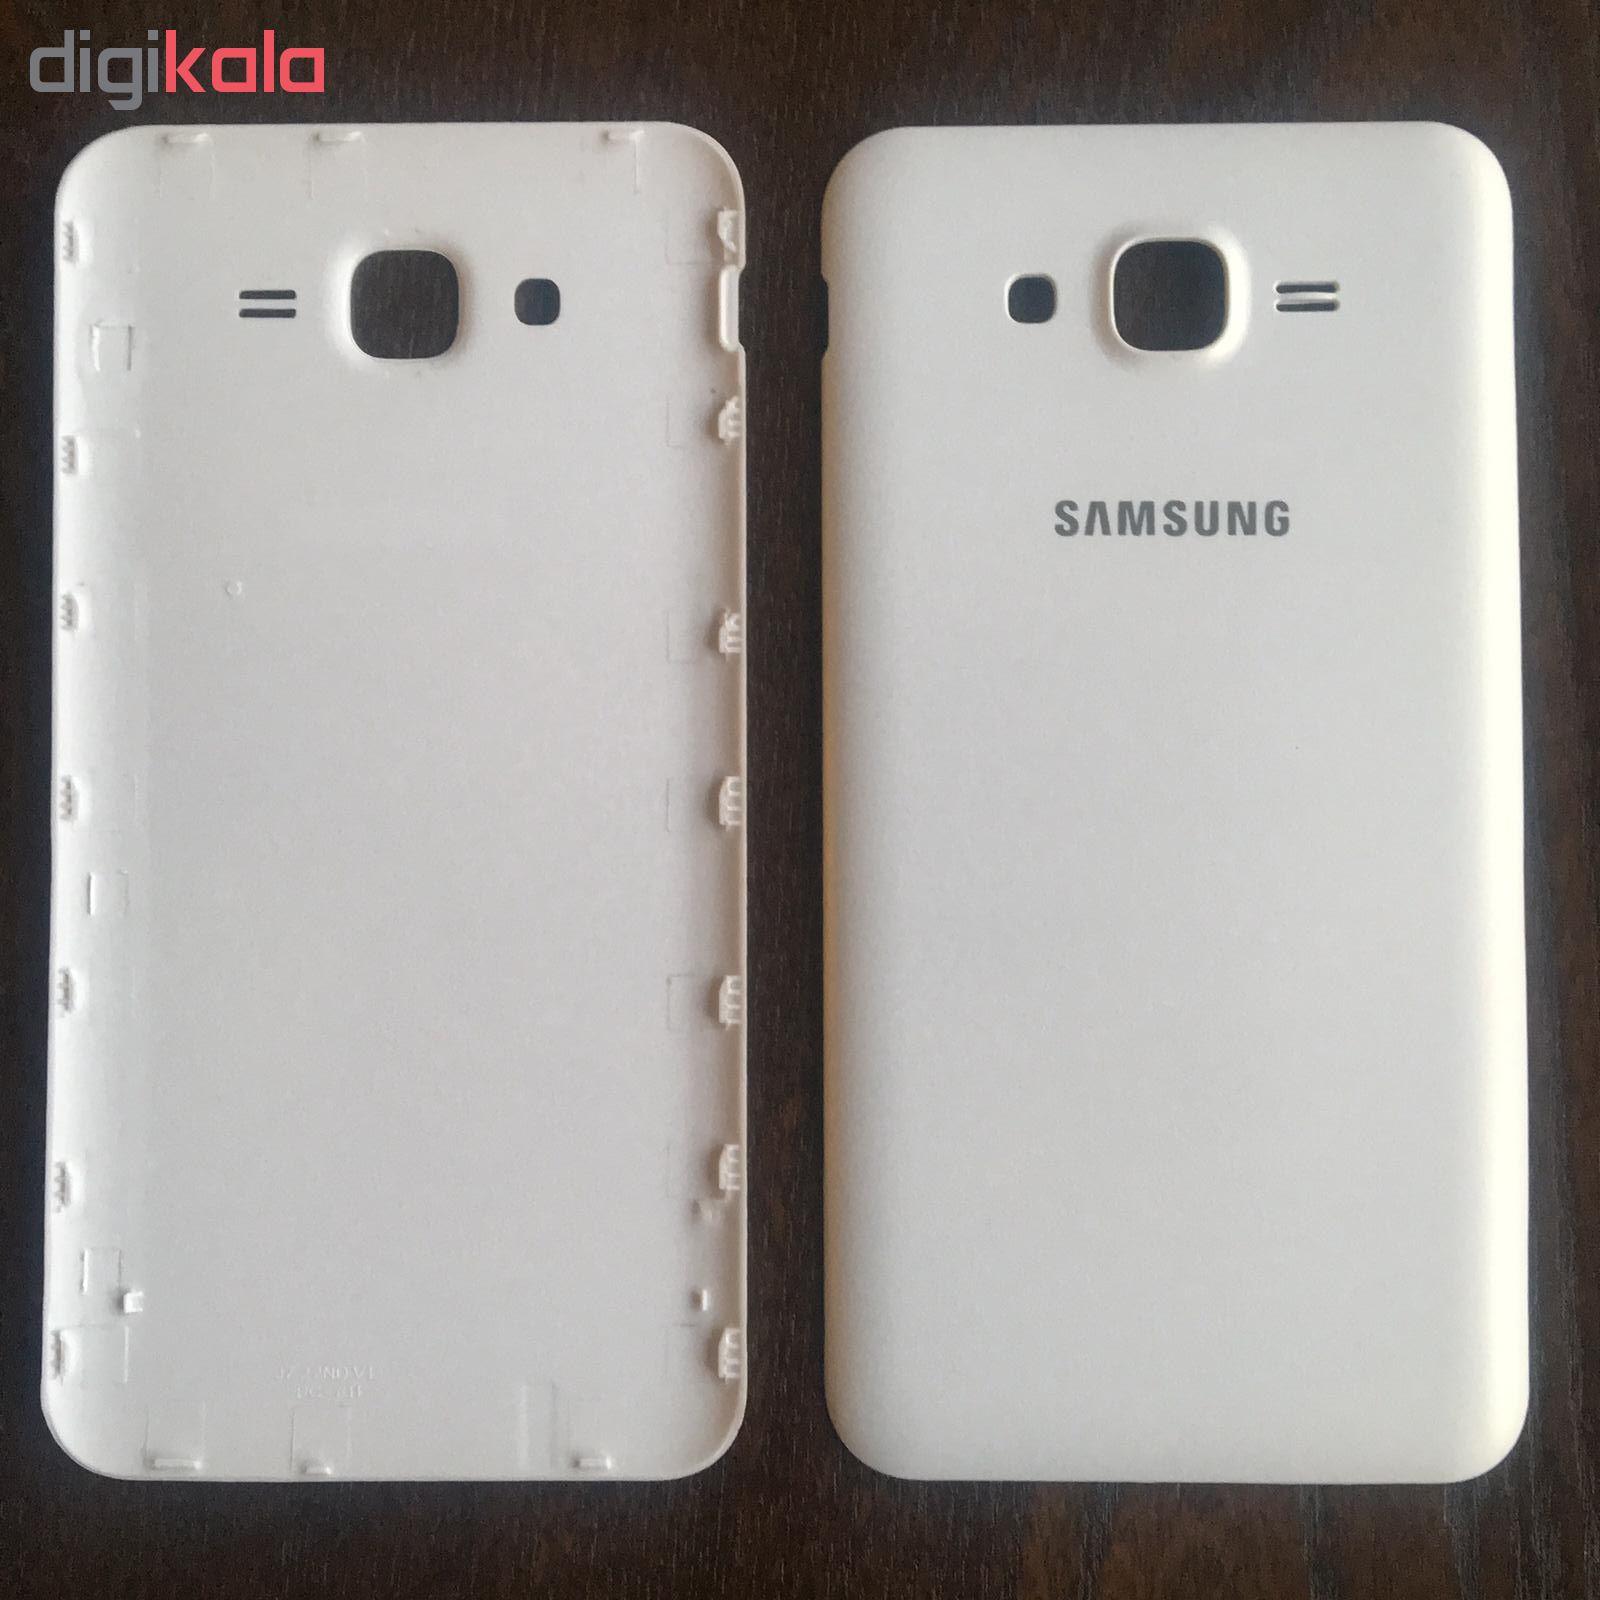 درب پشت گوشی مدل J515 مناسب برای گوشی موبایل سامسونگ Galaxy J5 2015 thumb 2